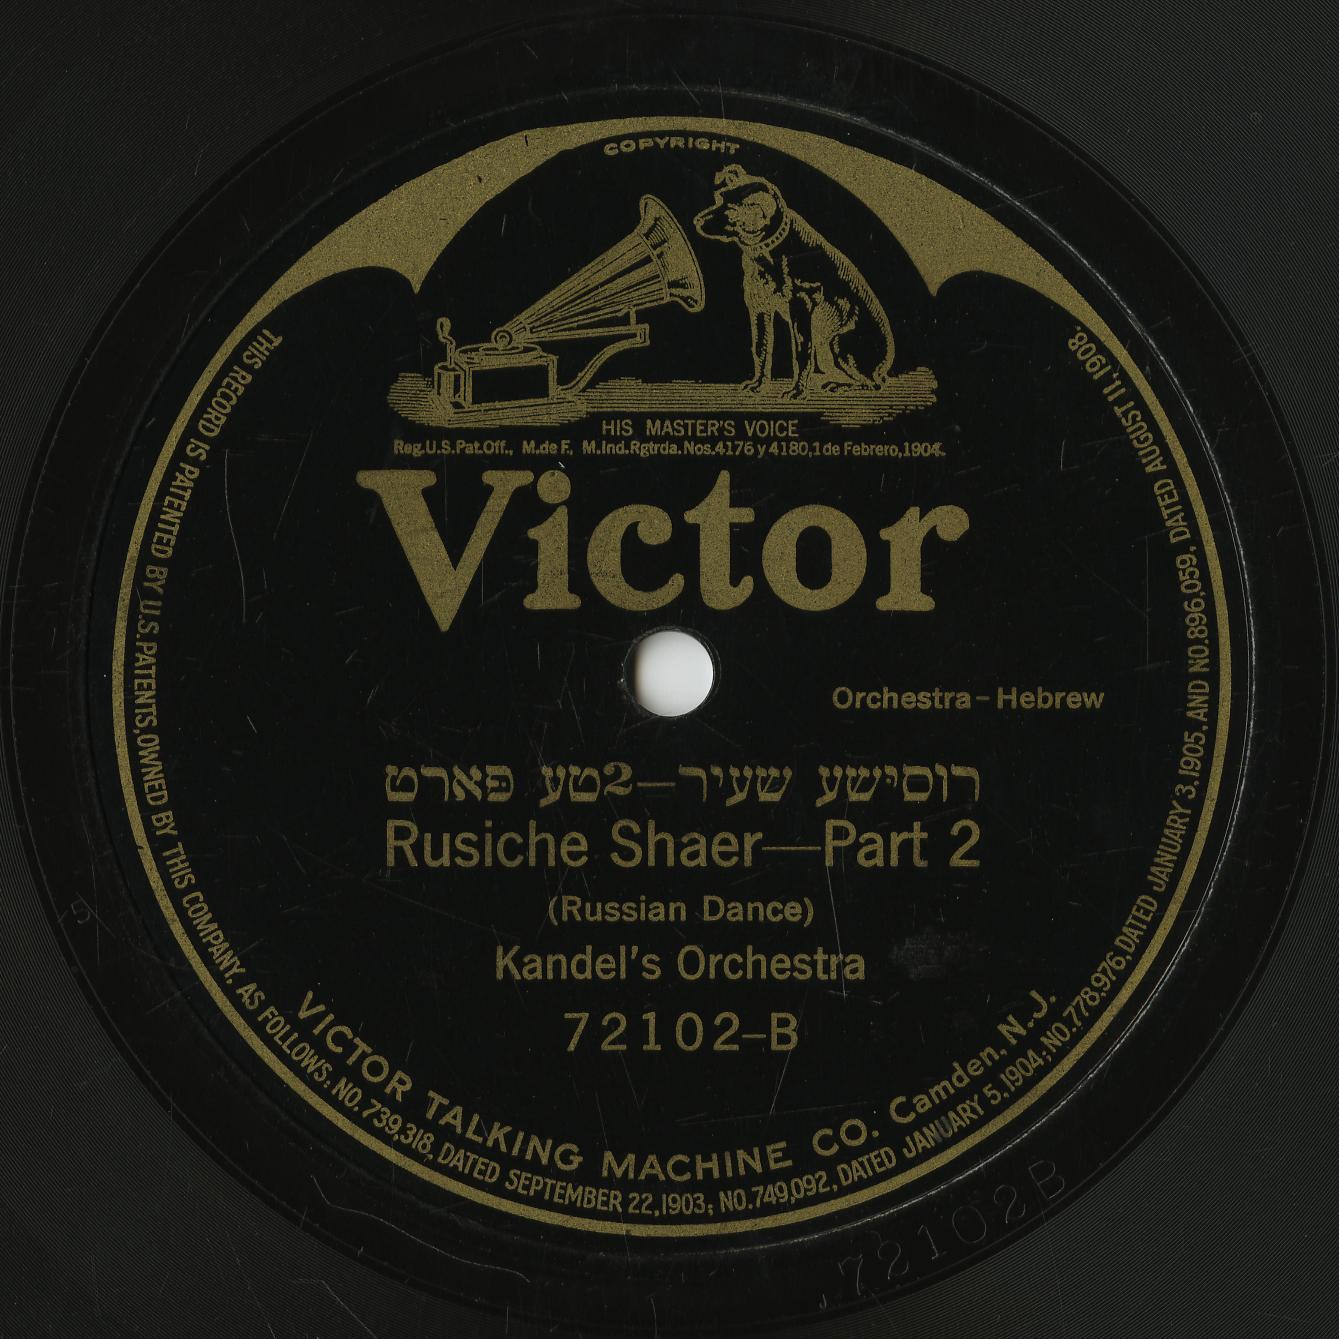 רוסיּשע שיער-2טע פּארט (1 of 2)